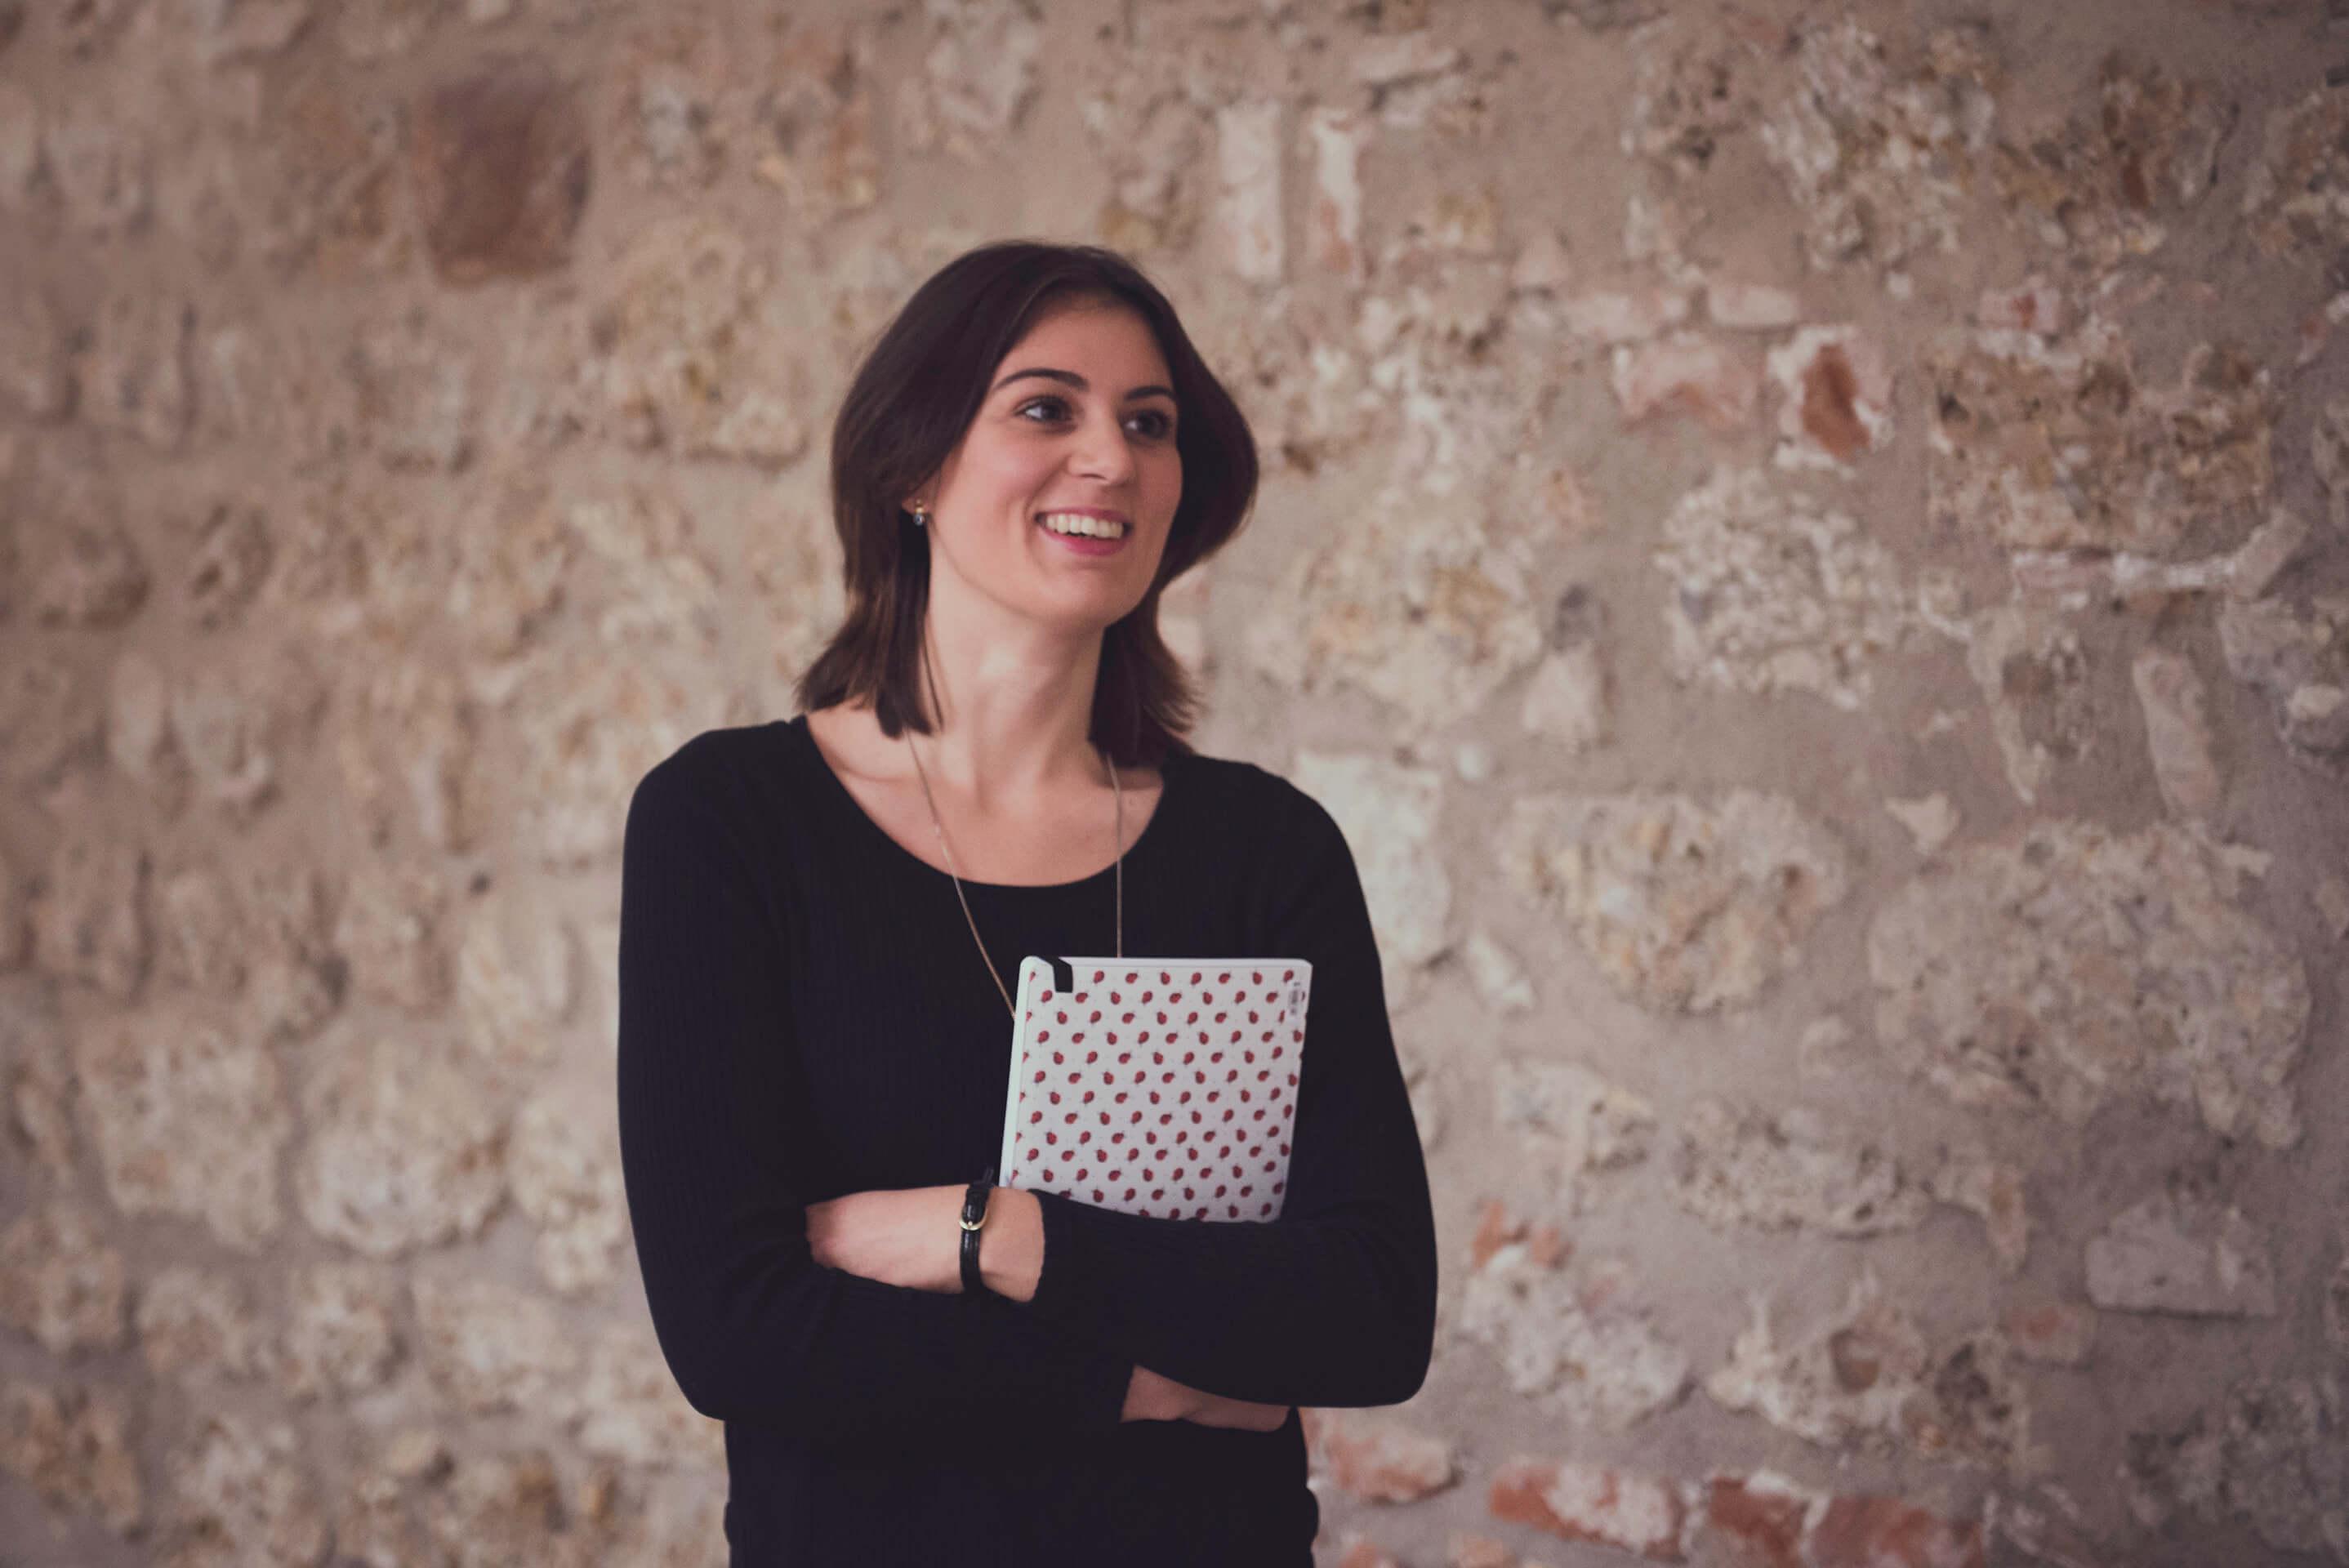 Giorgia Favero